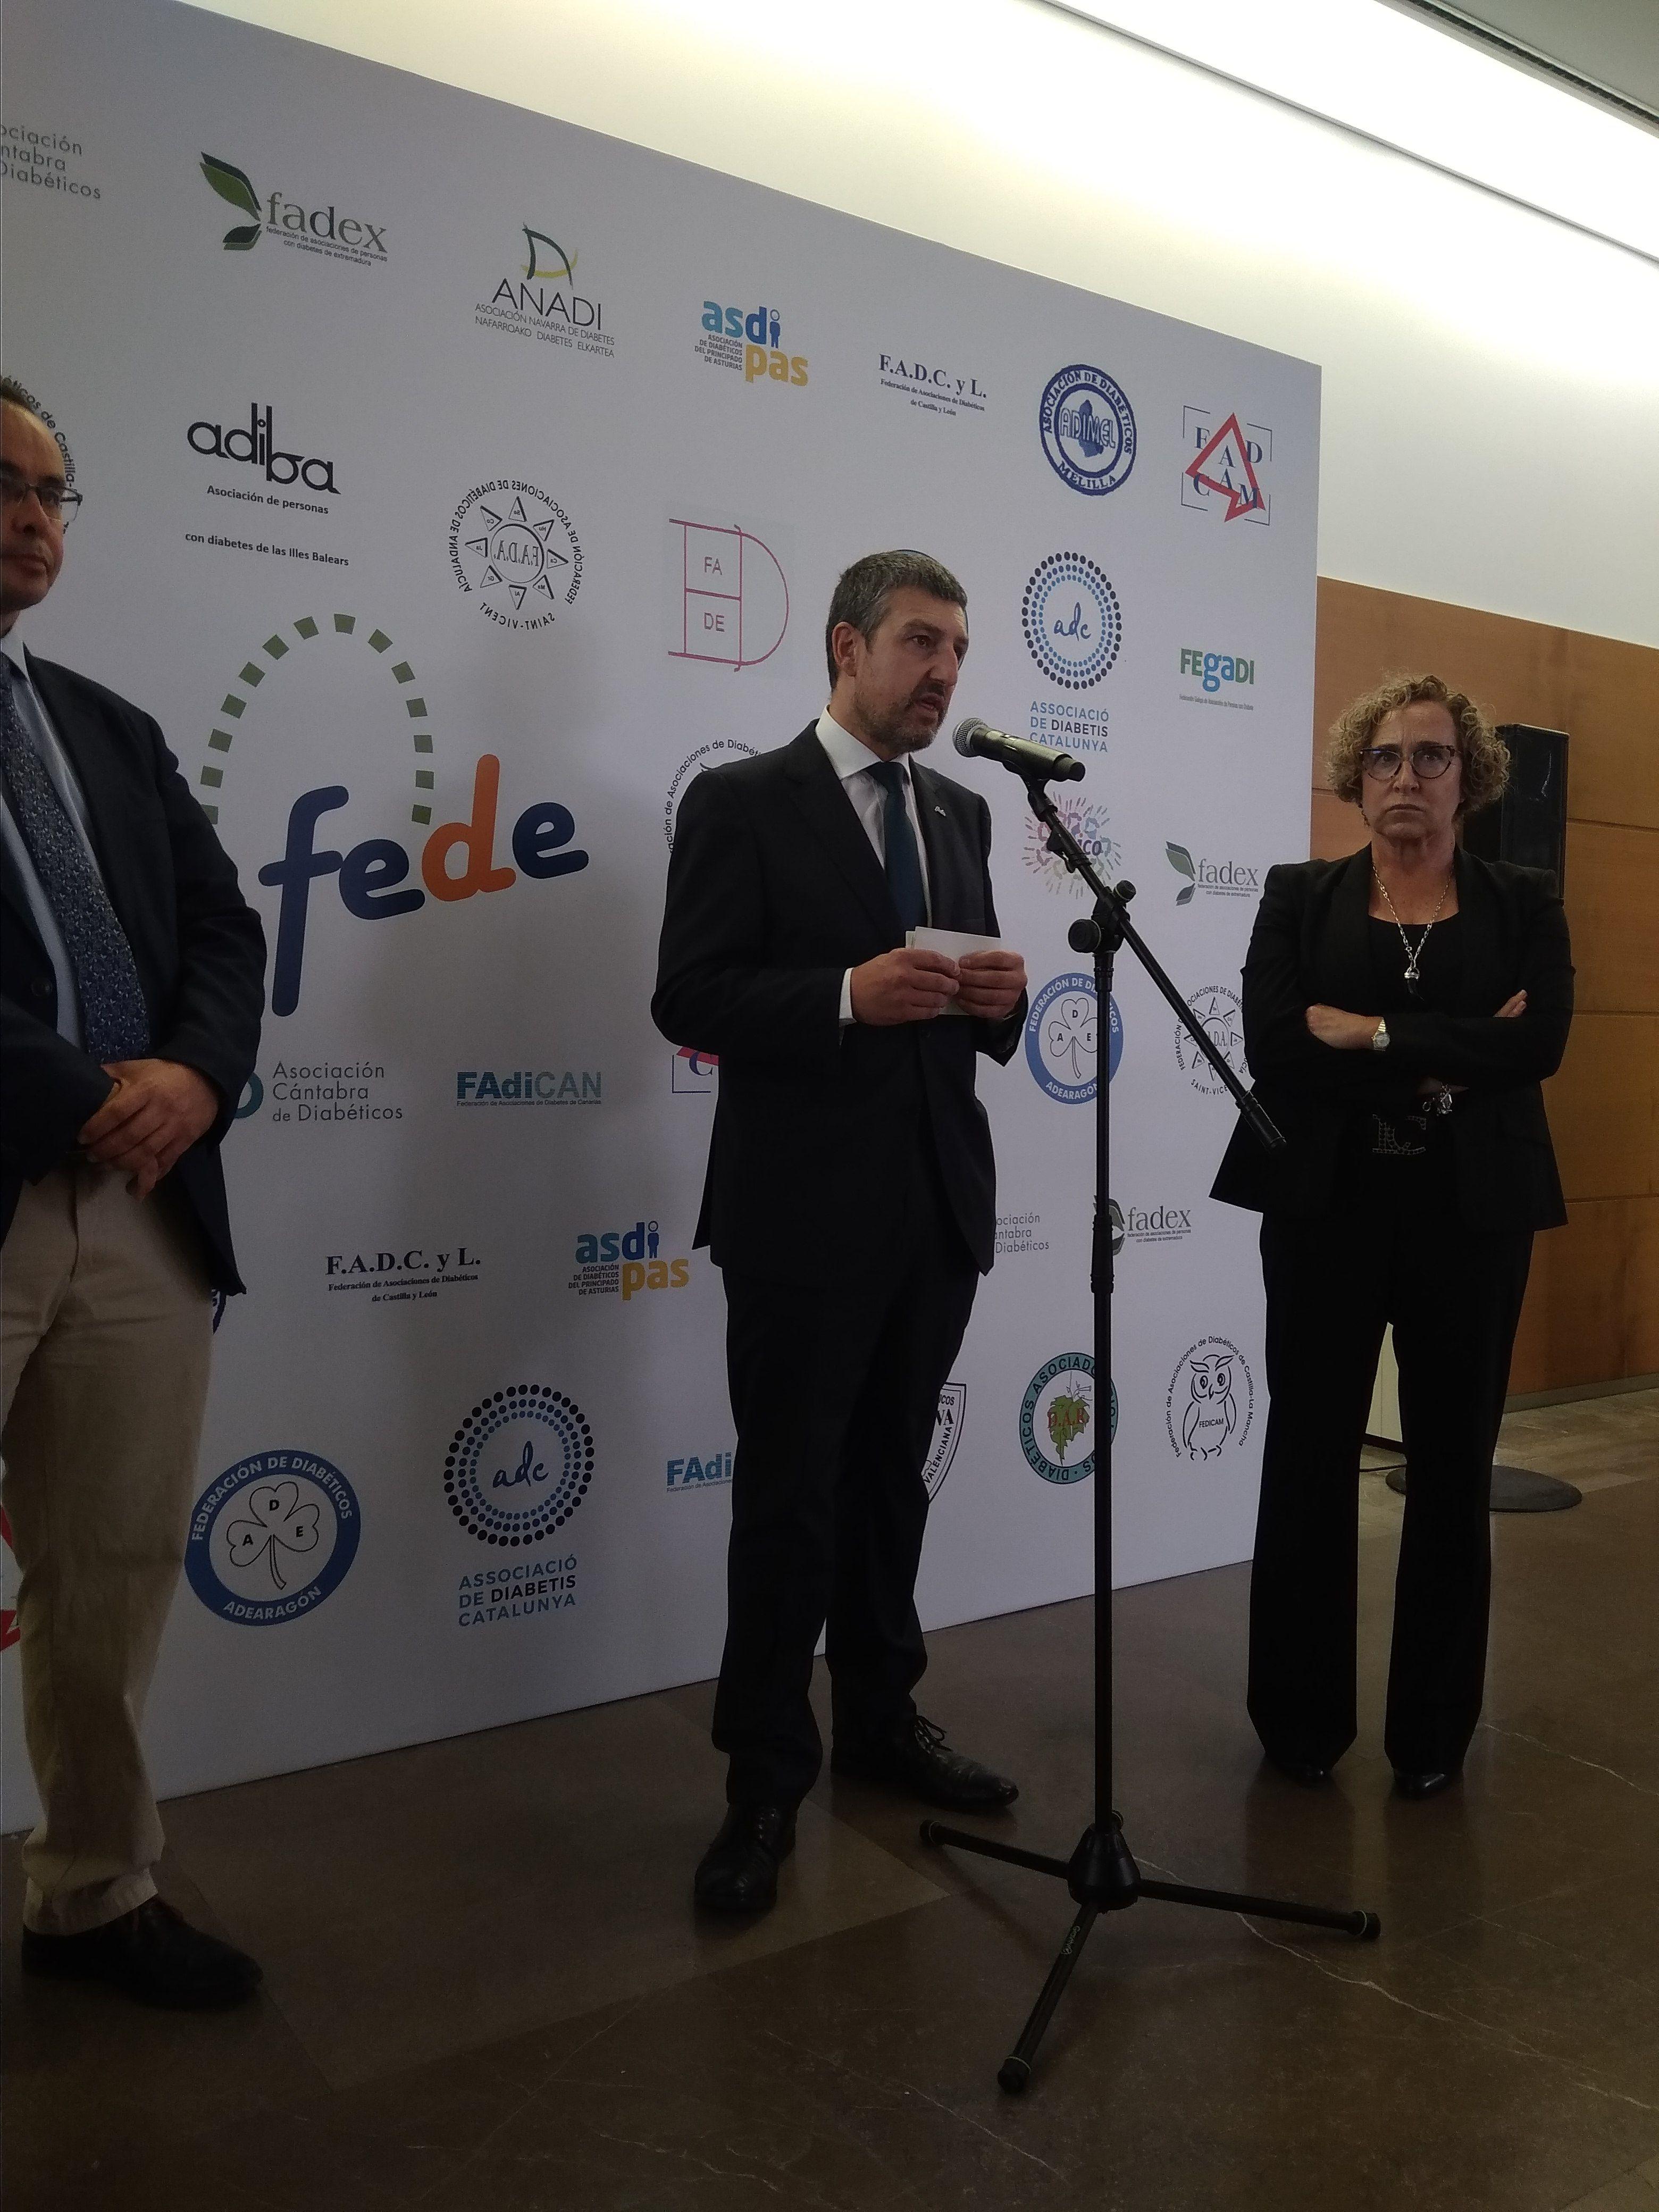 Los grandes retos de la diabetes y sus últimos avances serán debatidos durante el III Congreso Nacional de la Federación Española de Diabetes